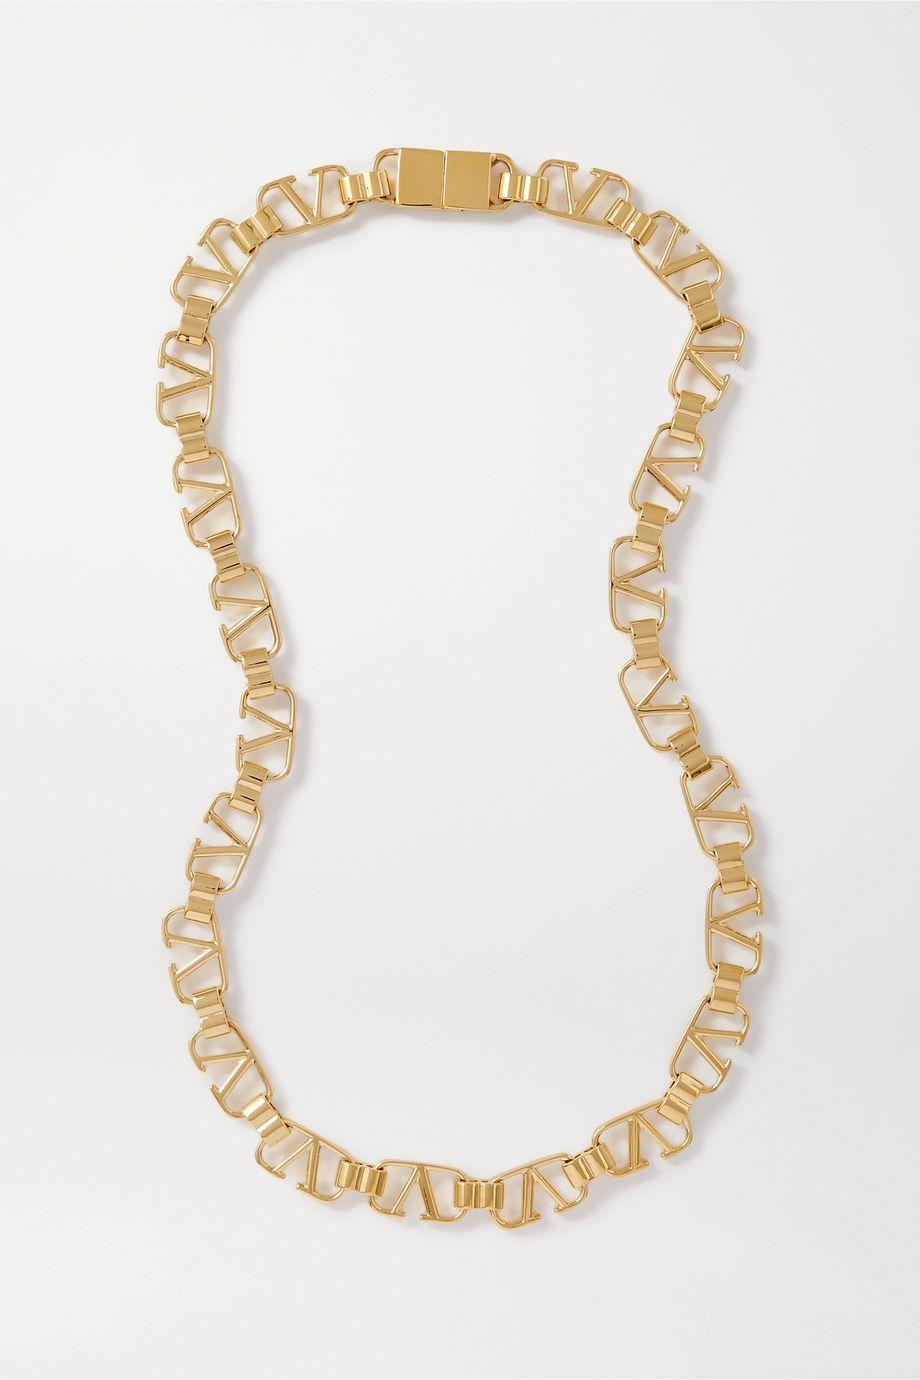 Valentino Gold-tone necklace